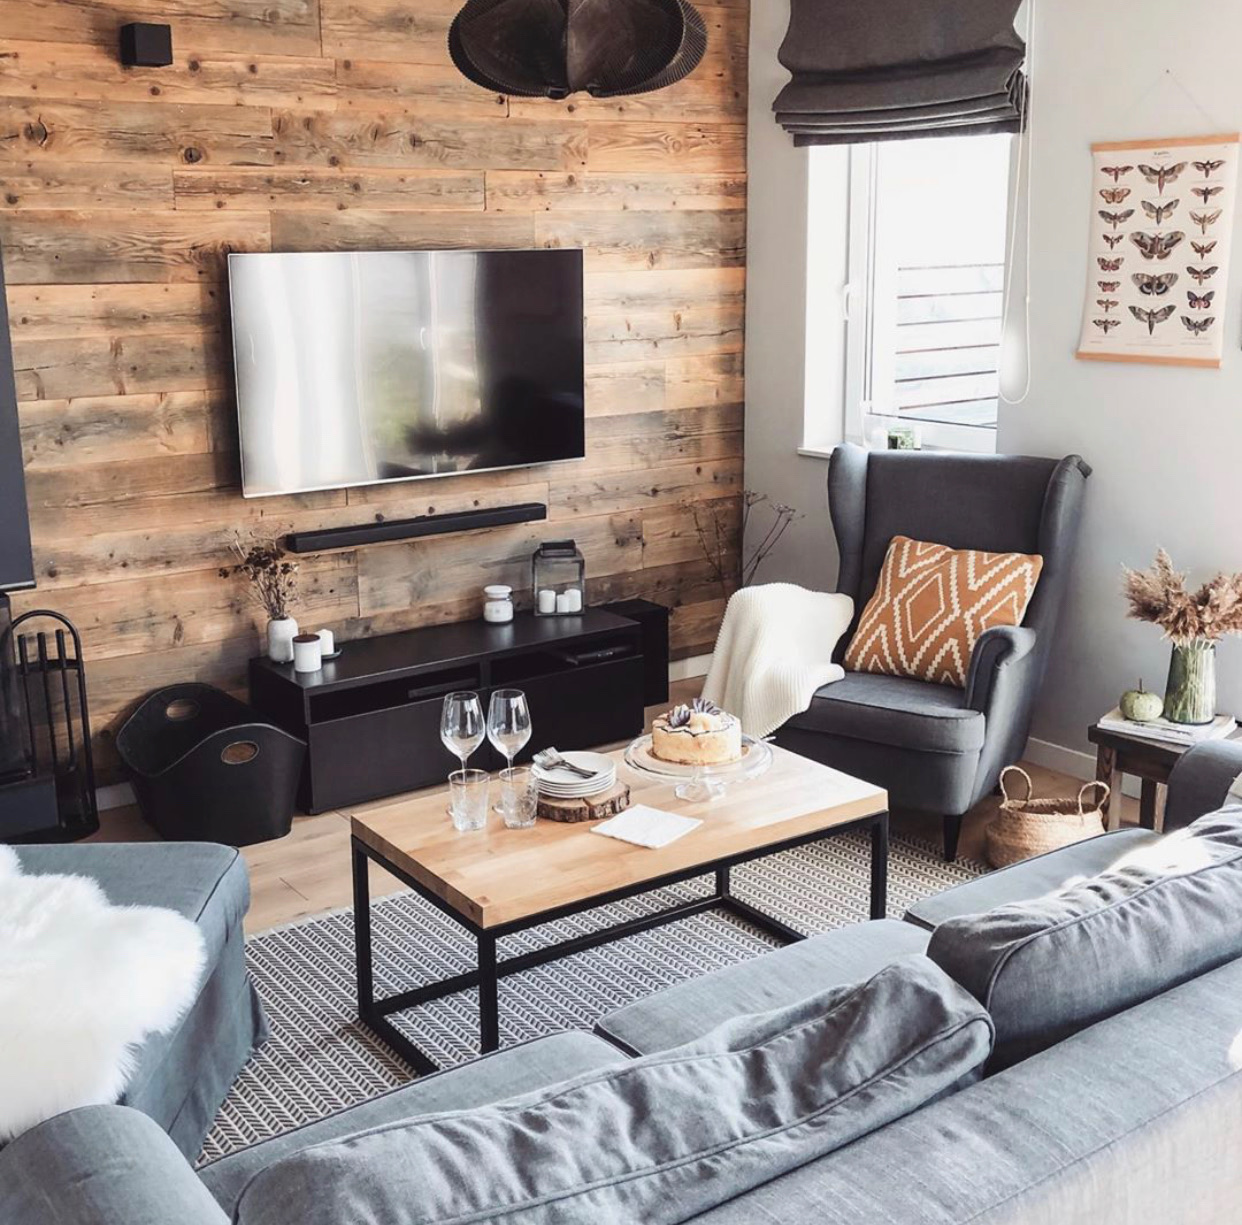 Jak stworzyć przytulny dom?(podcast)